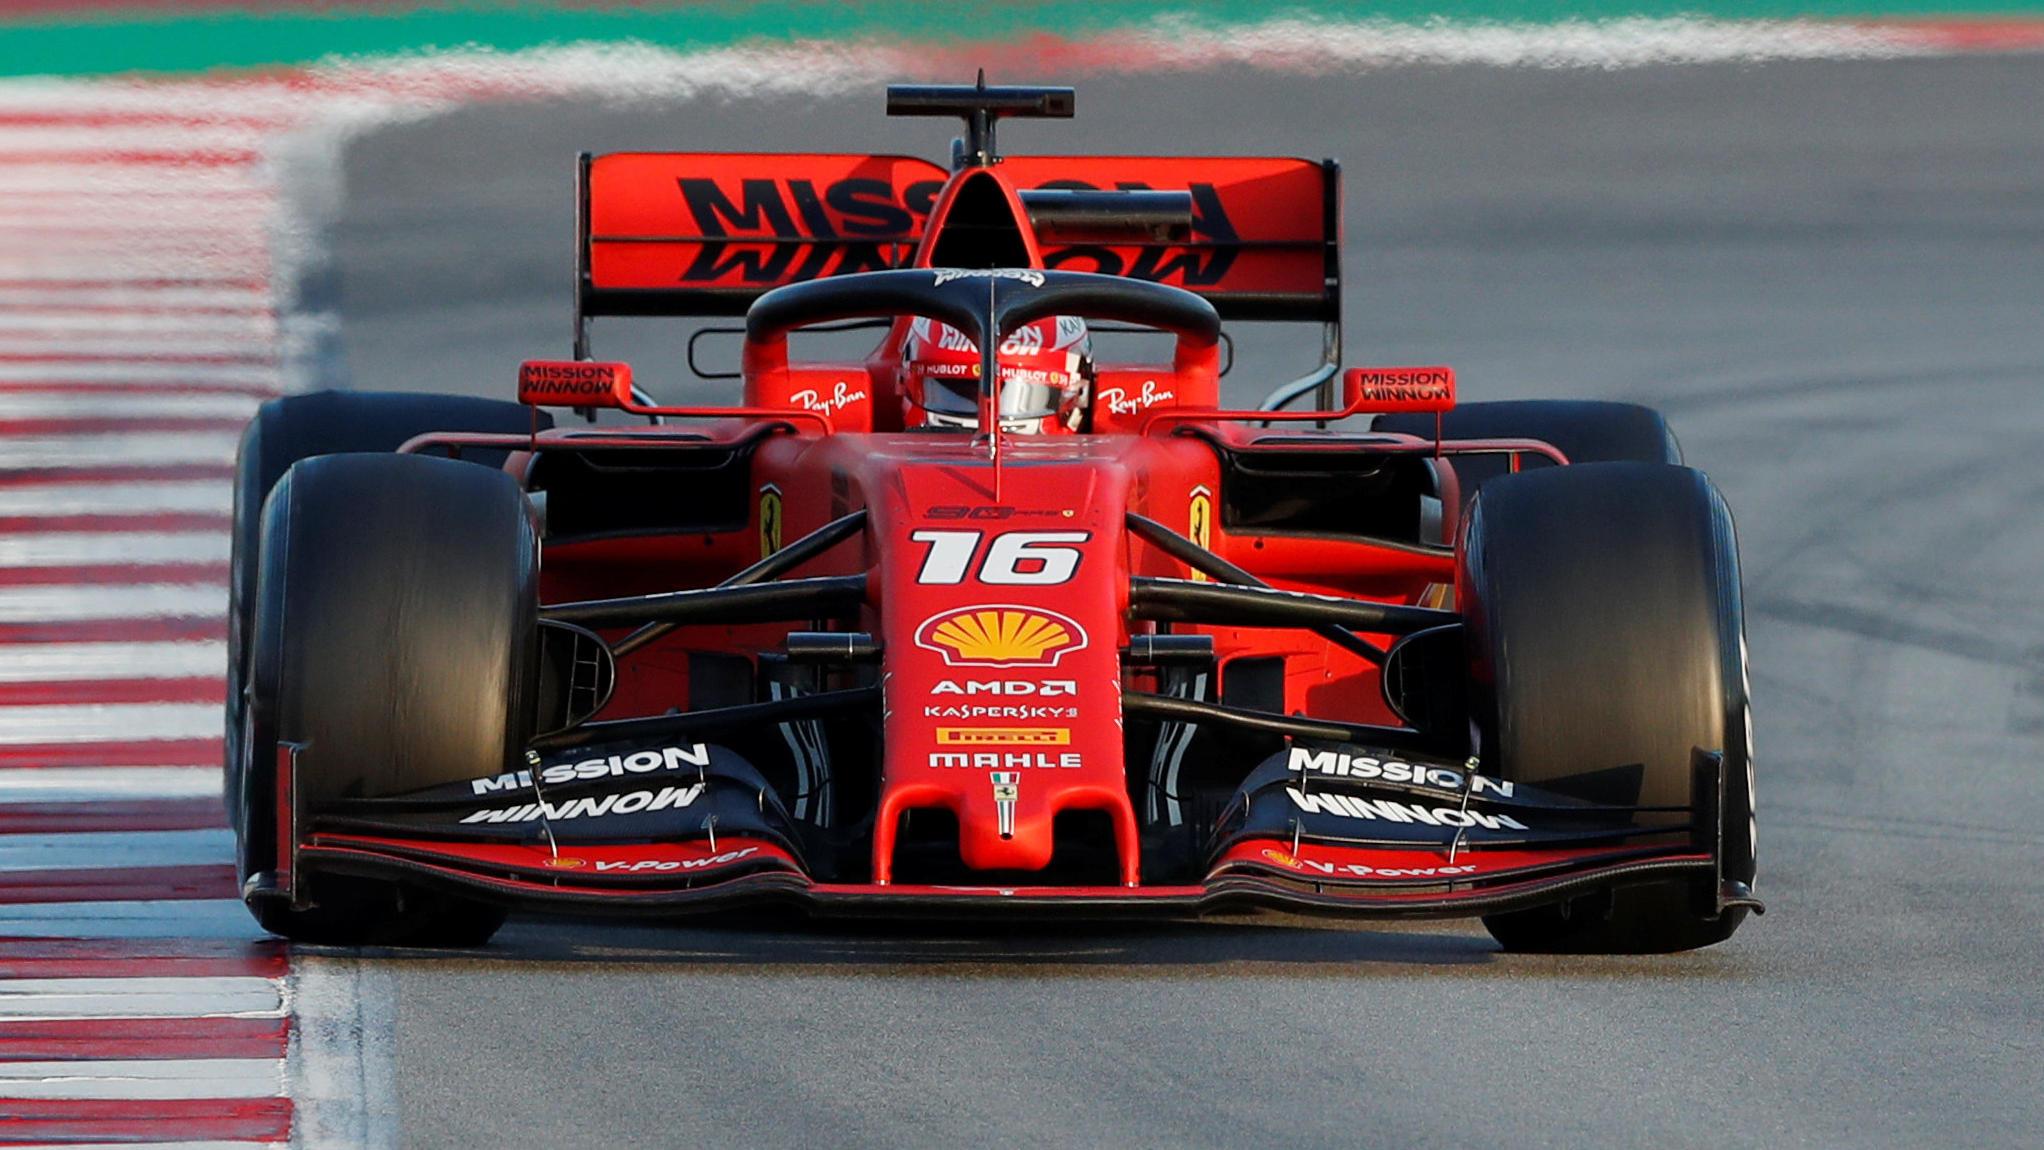 Formel 1 Testfahrten Sebastian Vettel Hat In Charles